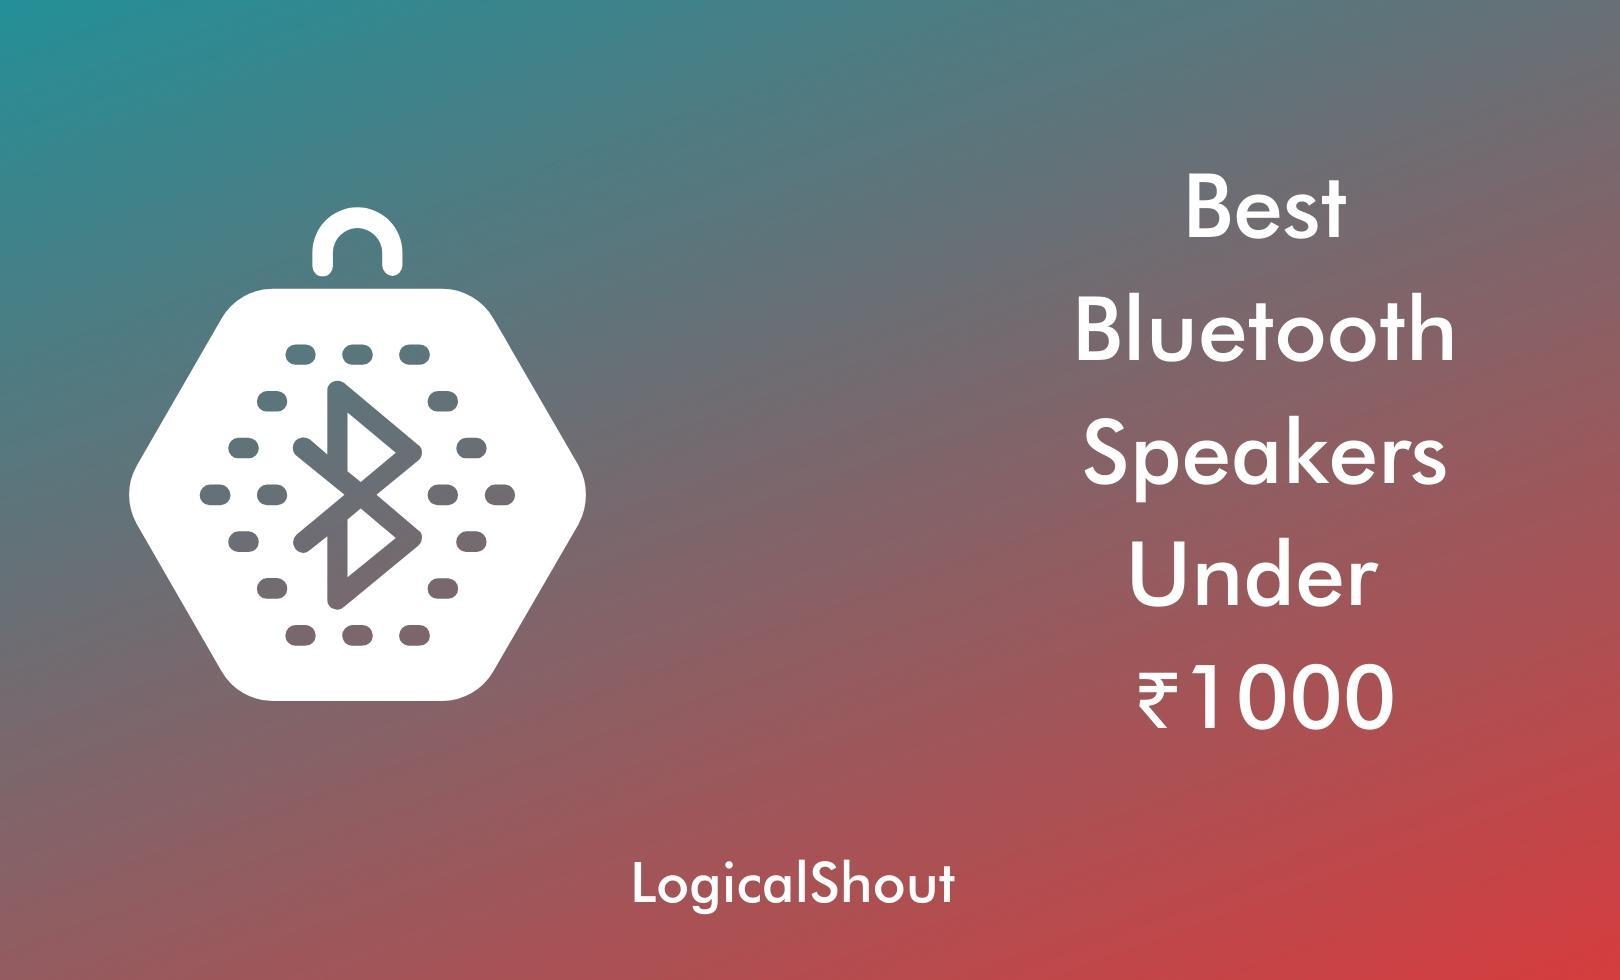 Best Bluetooth Speakers Under 1000